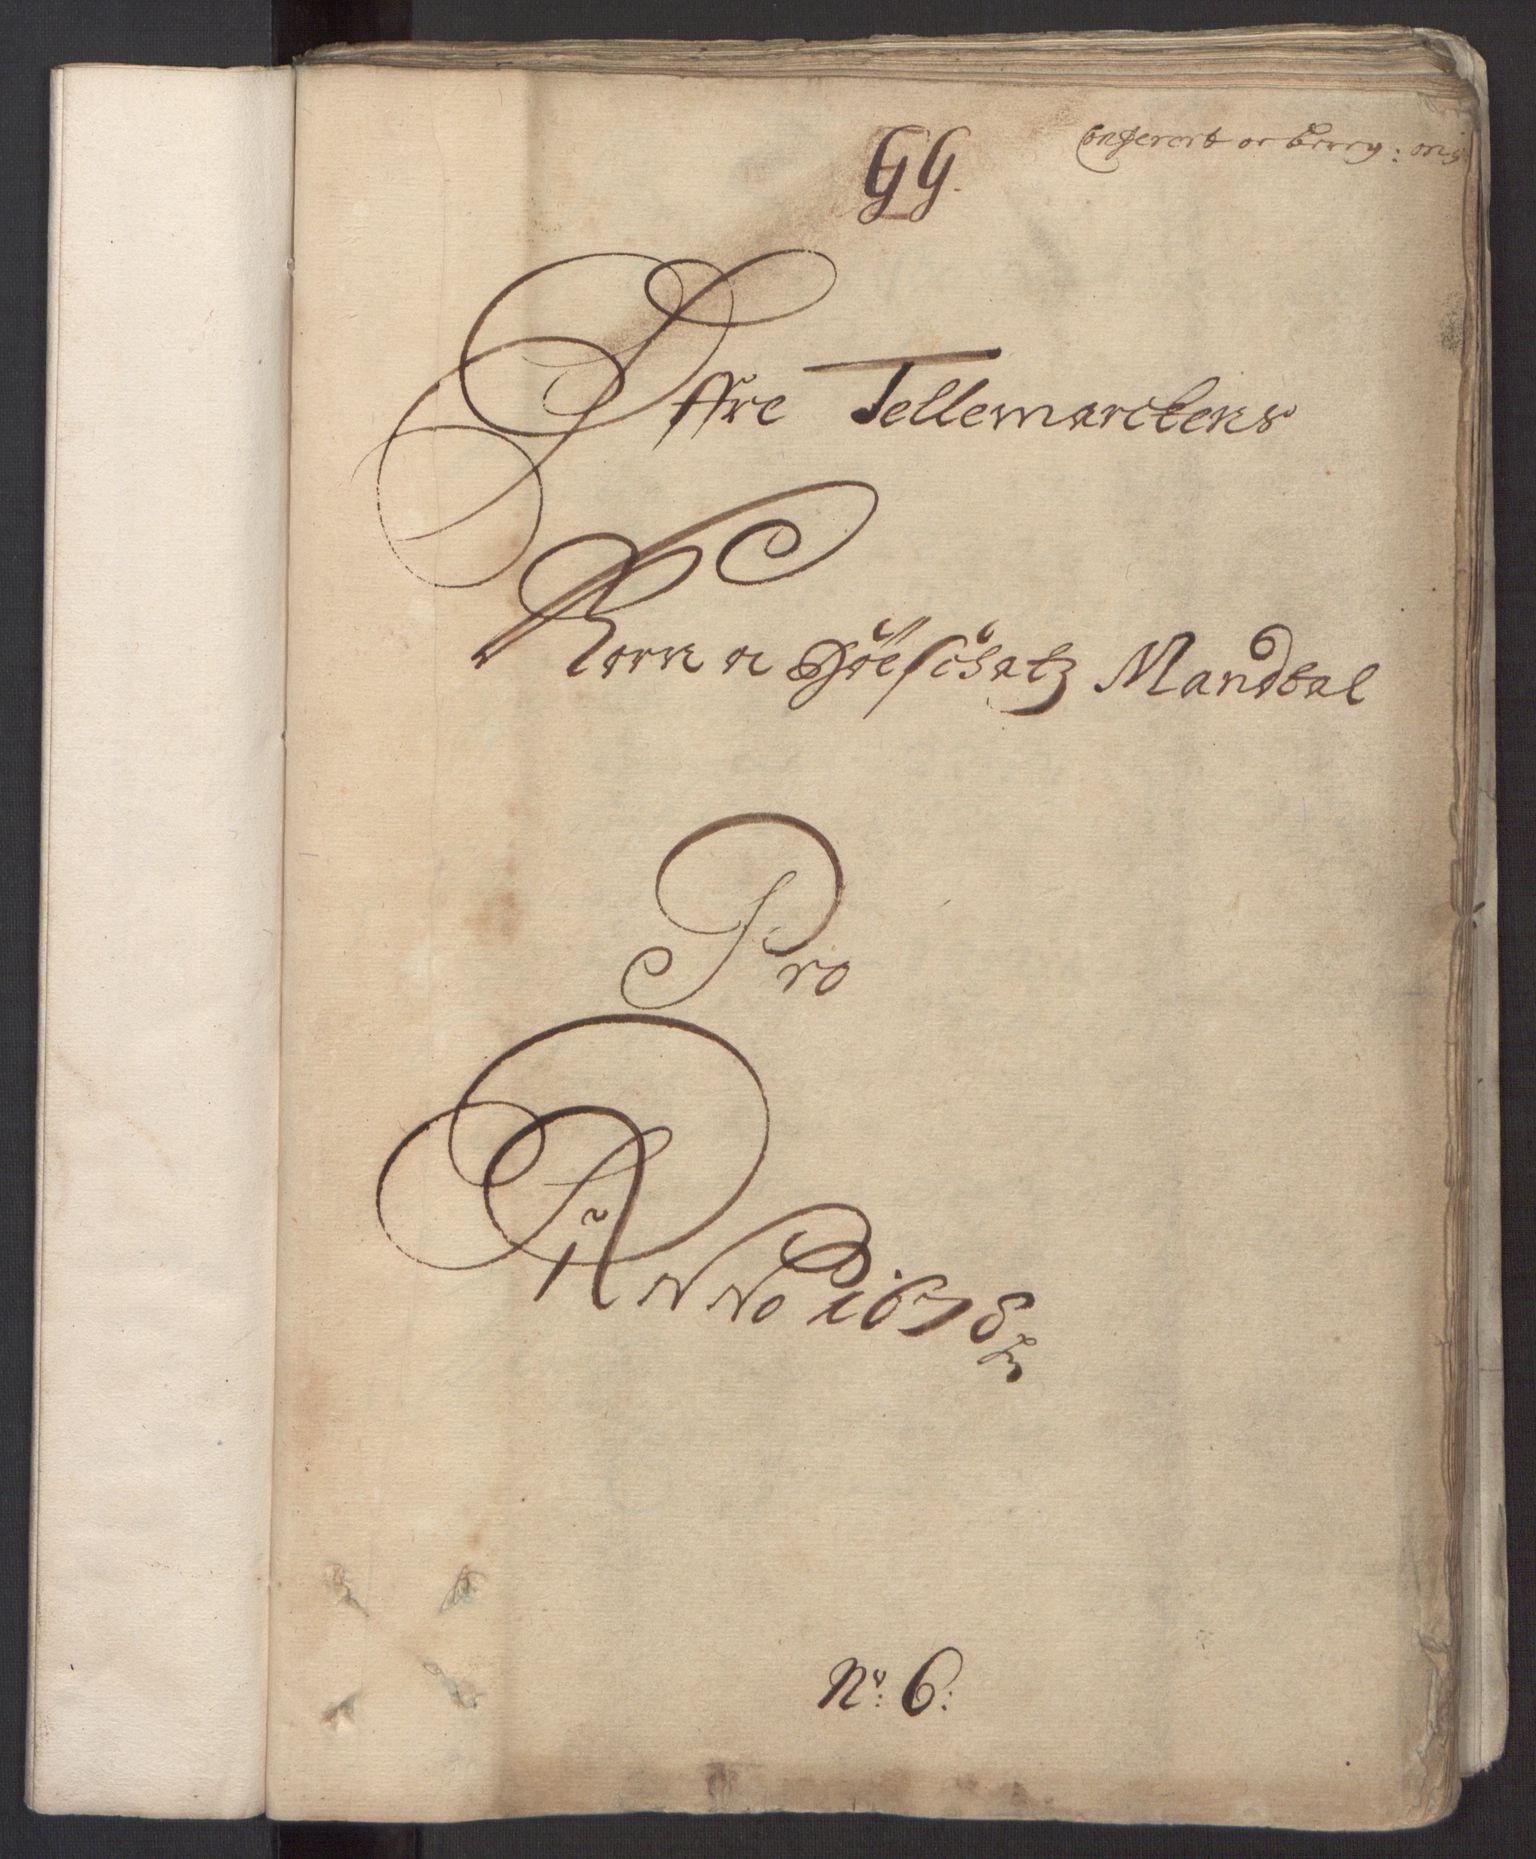 RA, Rentekammeret inntil 1814, Reviderte regnskaper, Fogderegnskap, R35/L2071: Fogderegnskap Øvre og Nedre Telemark, 1678, s. 83